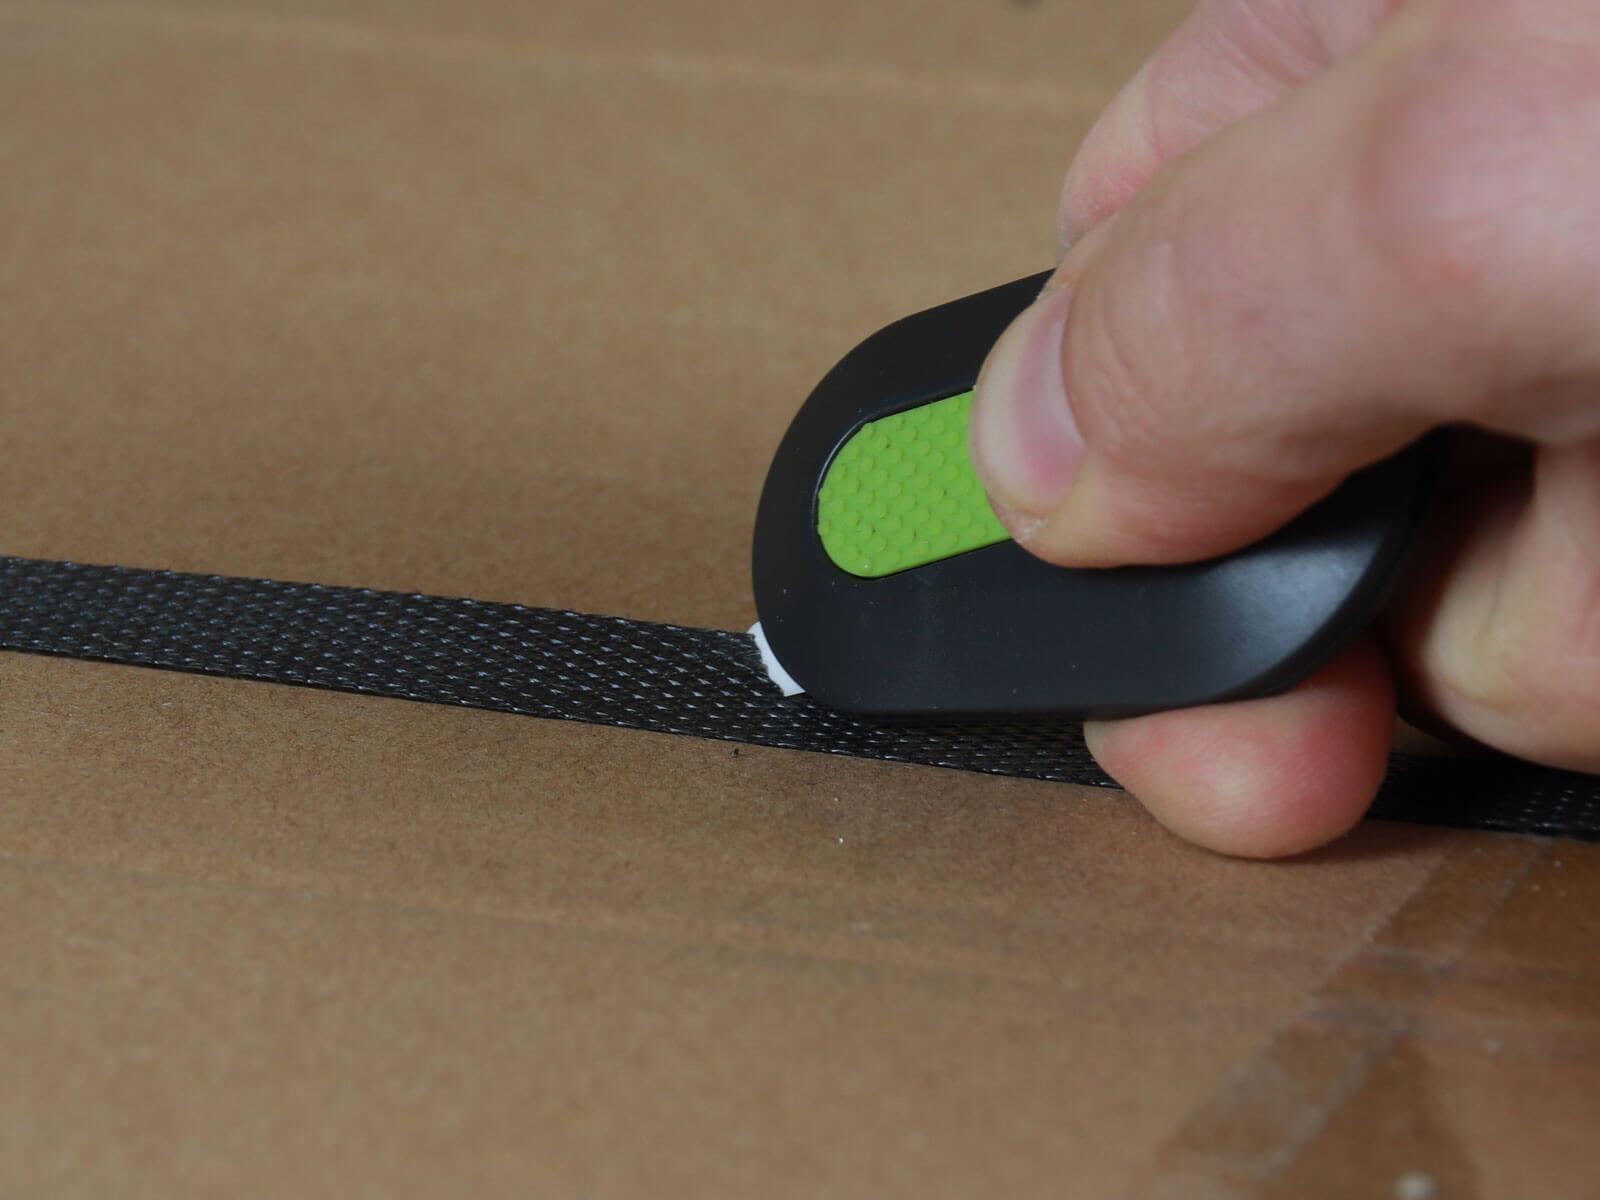 U007 Keramik Sicherheitsmesser automatischer Klingenrückzug mini Umreifungsband schneiden CURT-tools